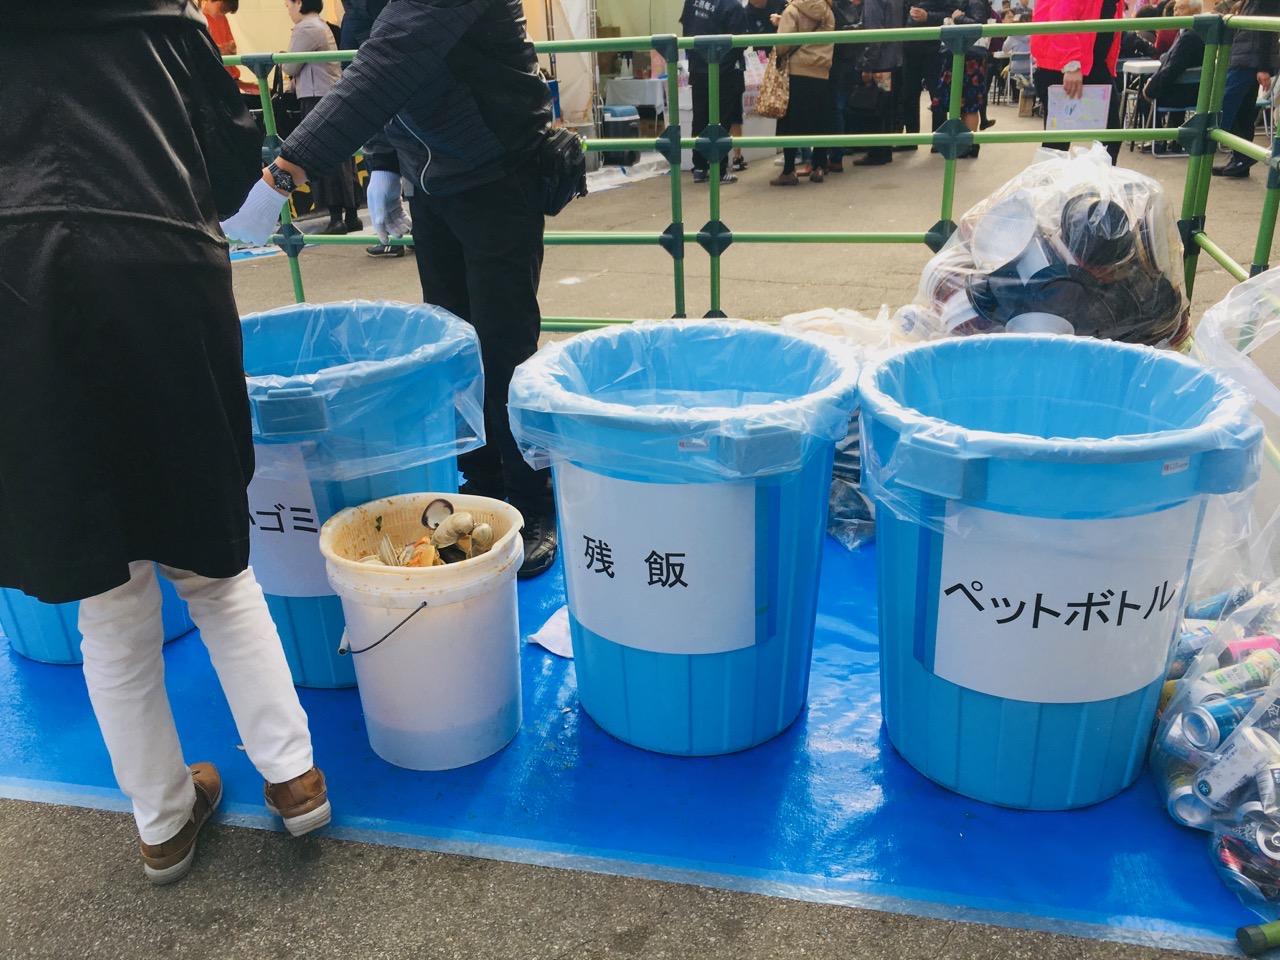 ゴミの回収もしっかり。数カ所にあるゴミ箱エリアには係員さんもついて分別していた。